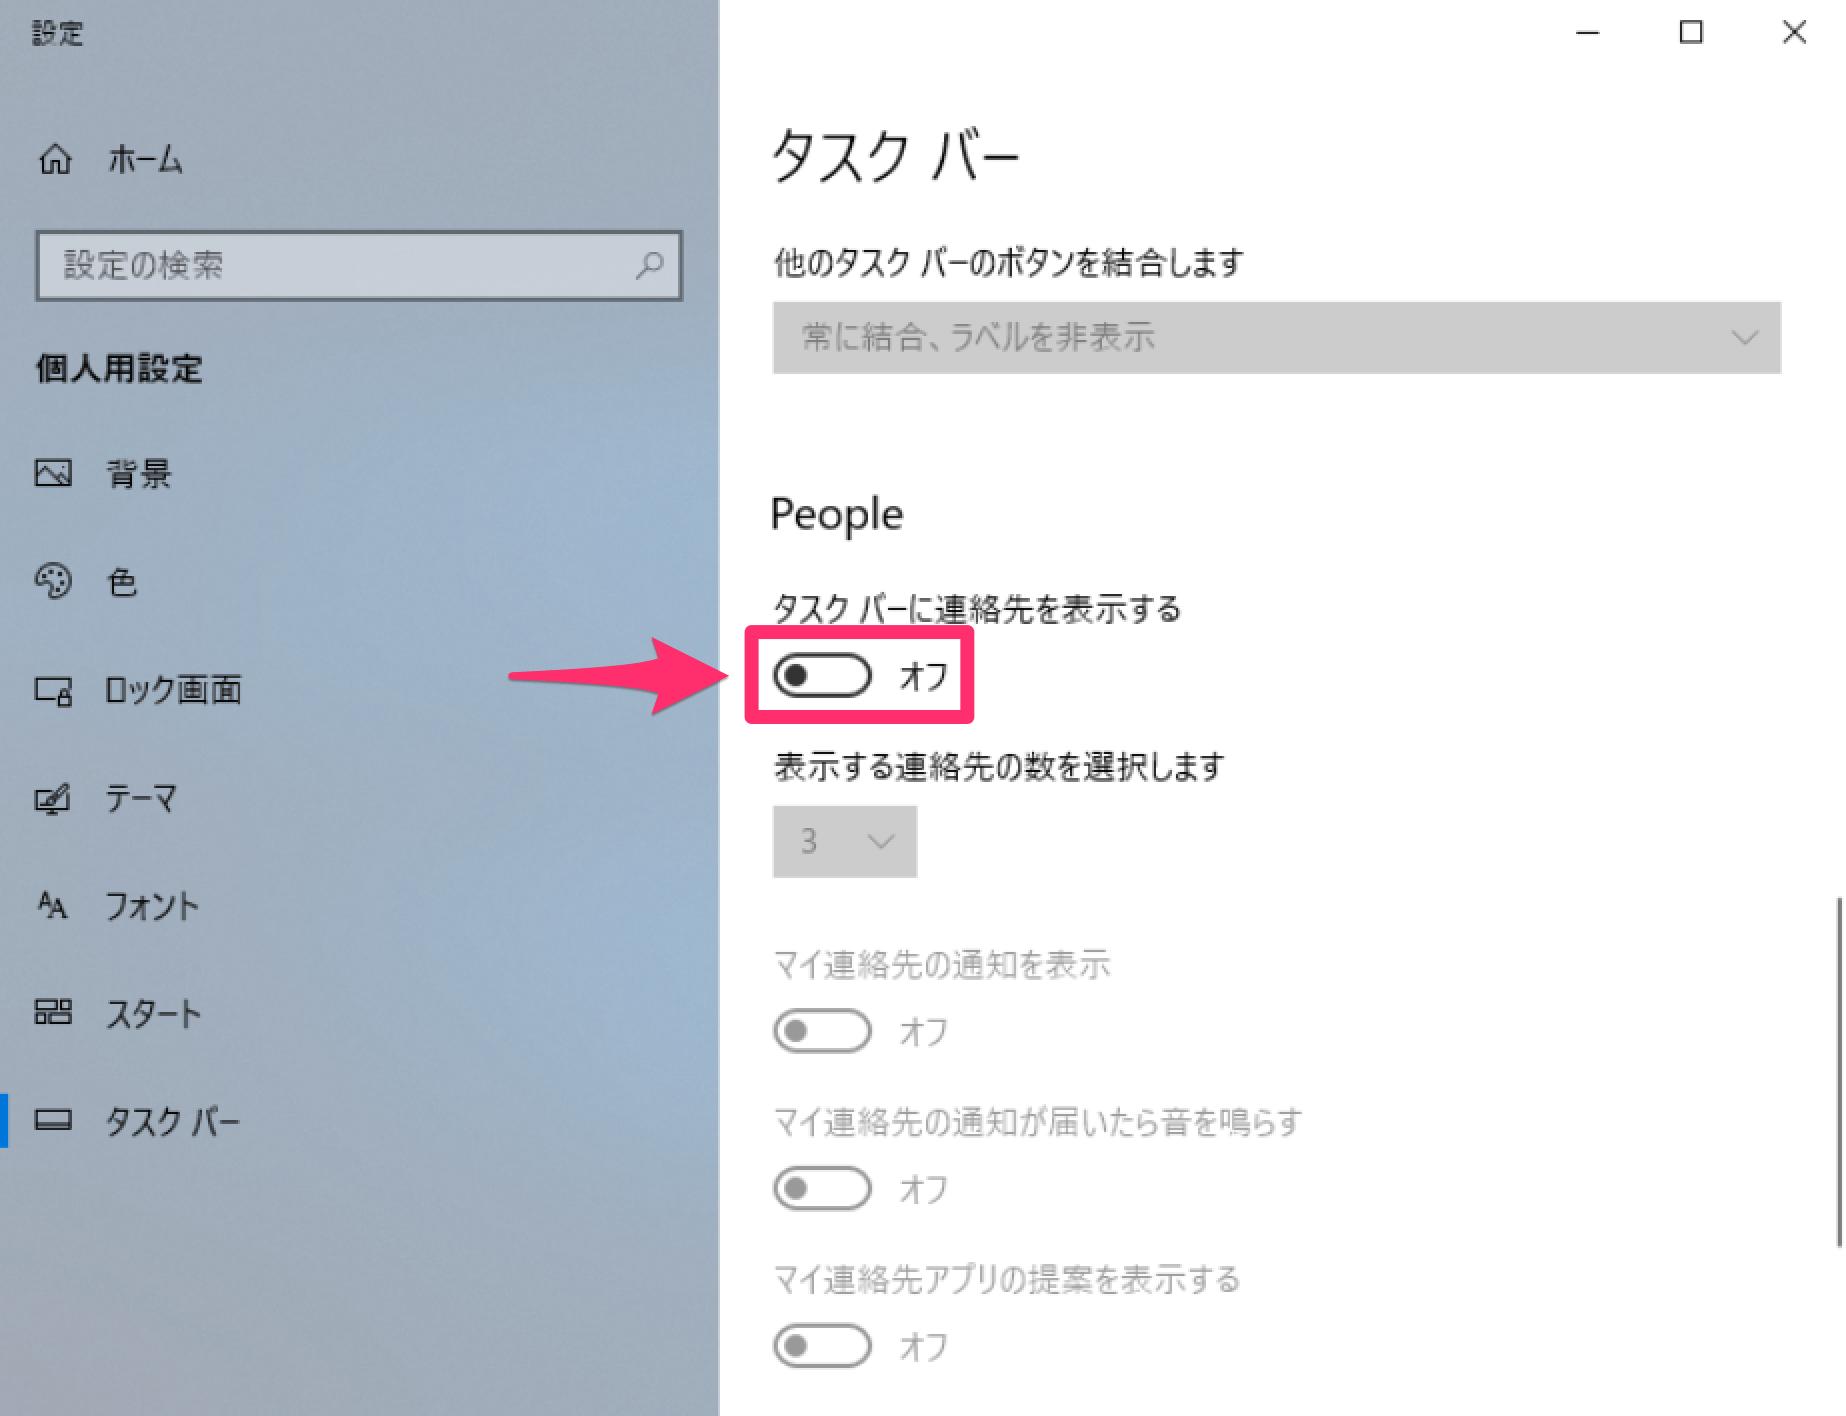 Windows 10のタスクバーに表示するアイコンの選択方法。通知領域を使いやすく設定しよう